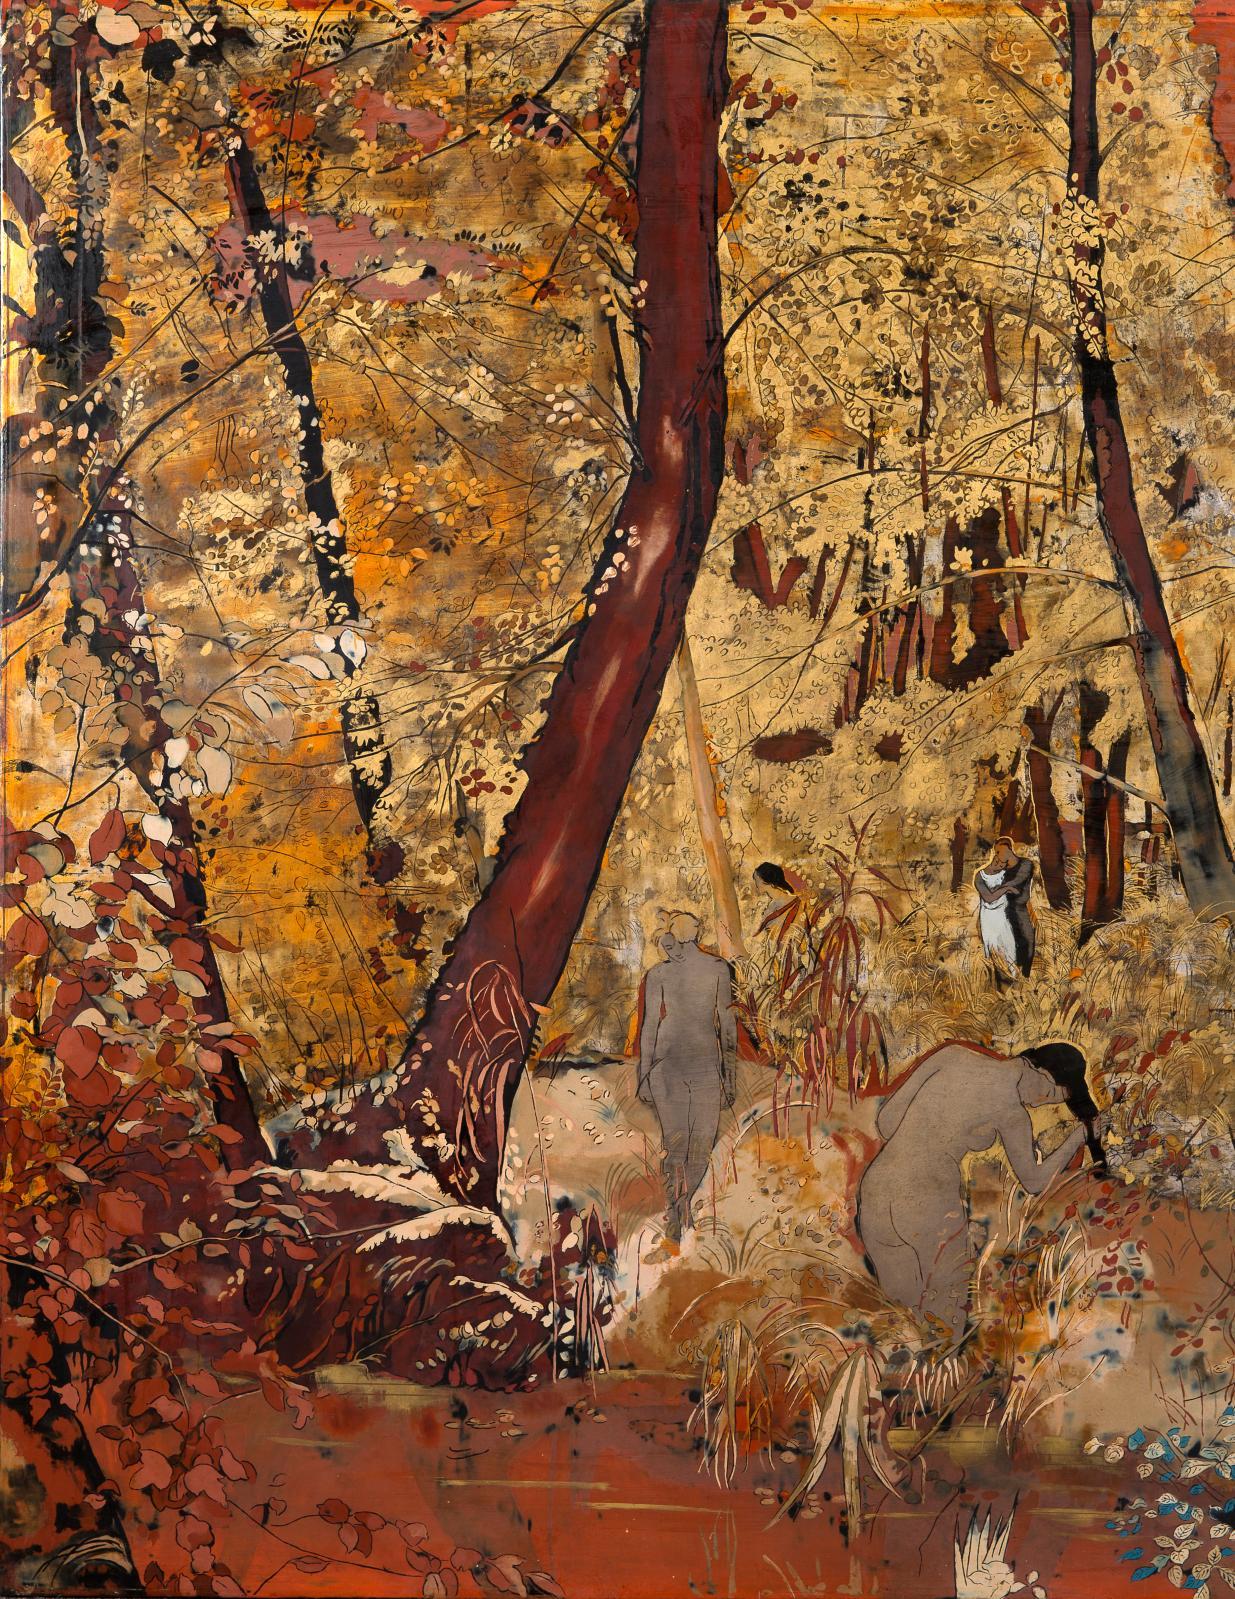 Alix Aymé (1894-1989), Baigneuses, laque, 125x200cm (détail). Lundi 9 décembre, salle 9, à 14h15. AguttesOVV. Mme Reynier-Aguttes. E